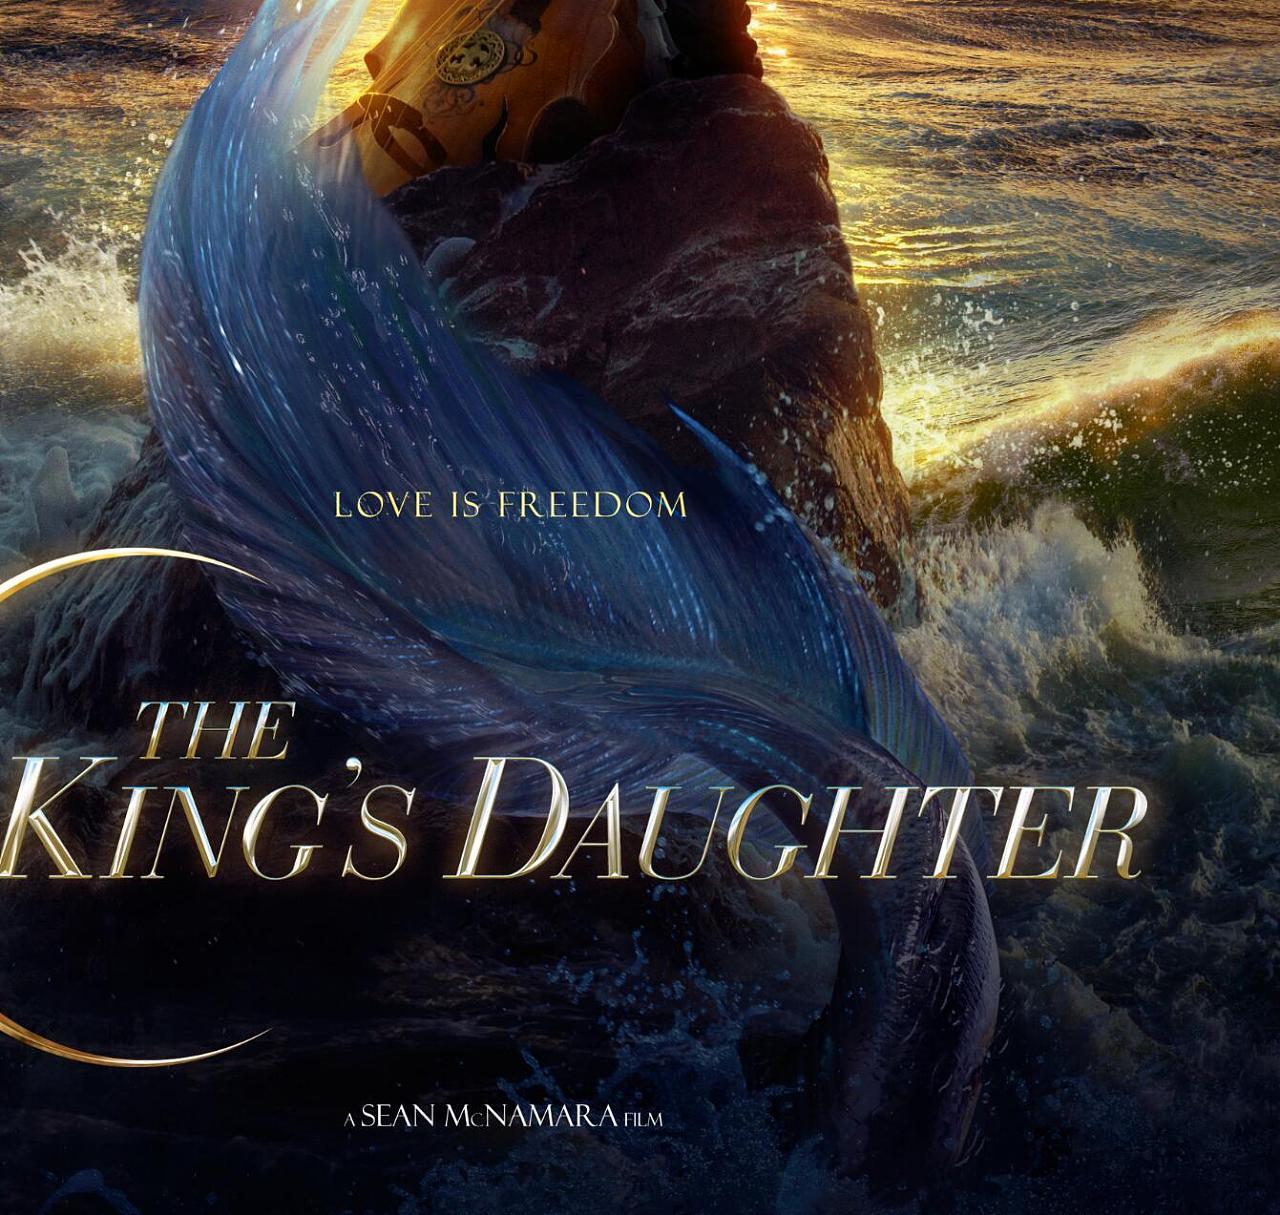 还记得范冰冰出演的好莱坞古装奇幻片《日月人鱼》?